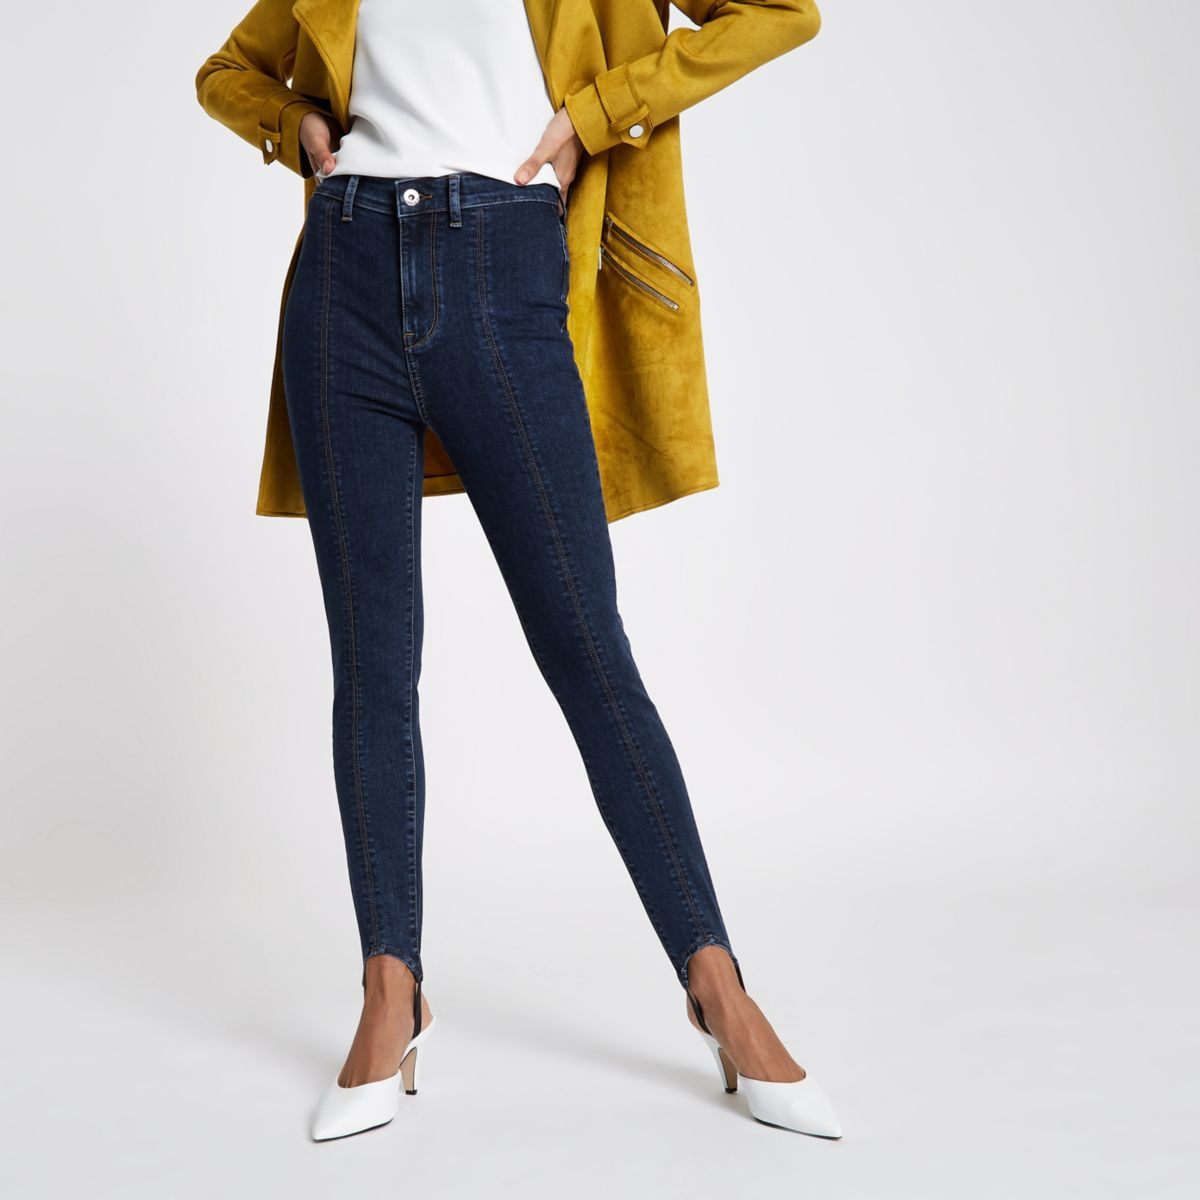 Harper - Middenblauwe jeans met hoge taille en bandjes onder de voet